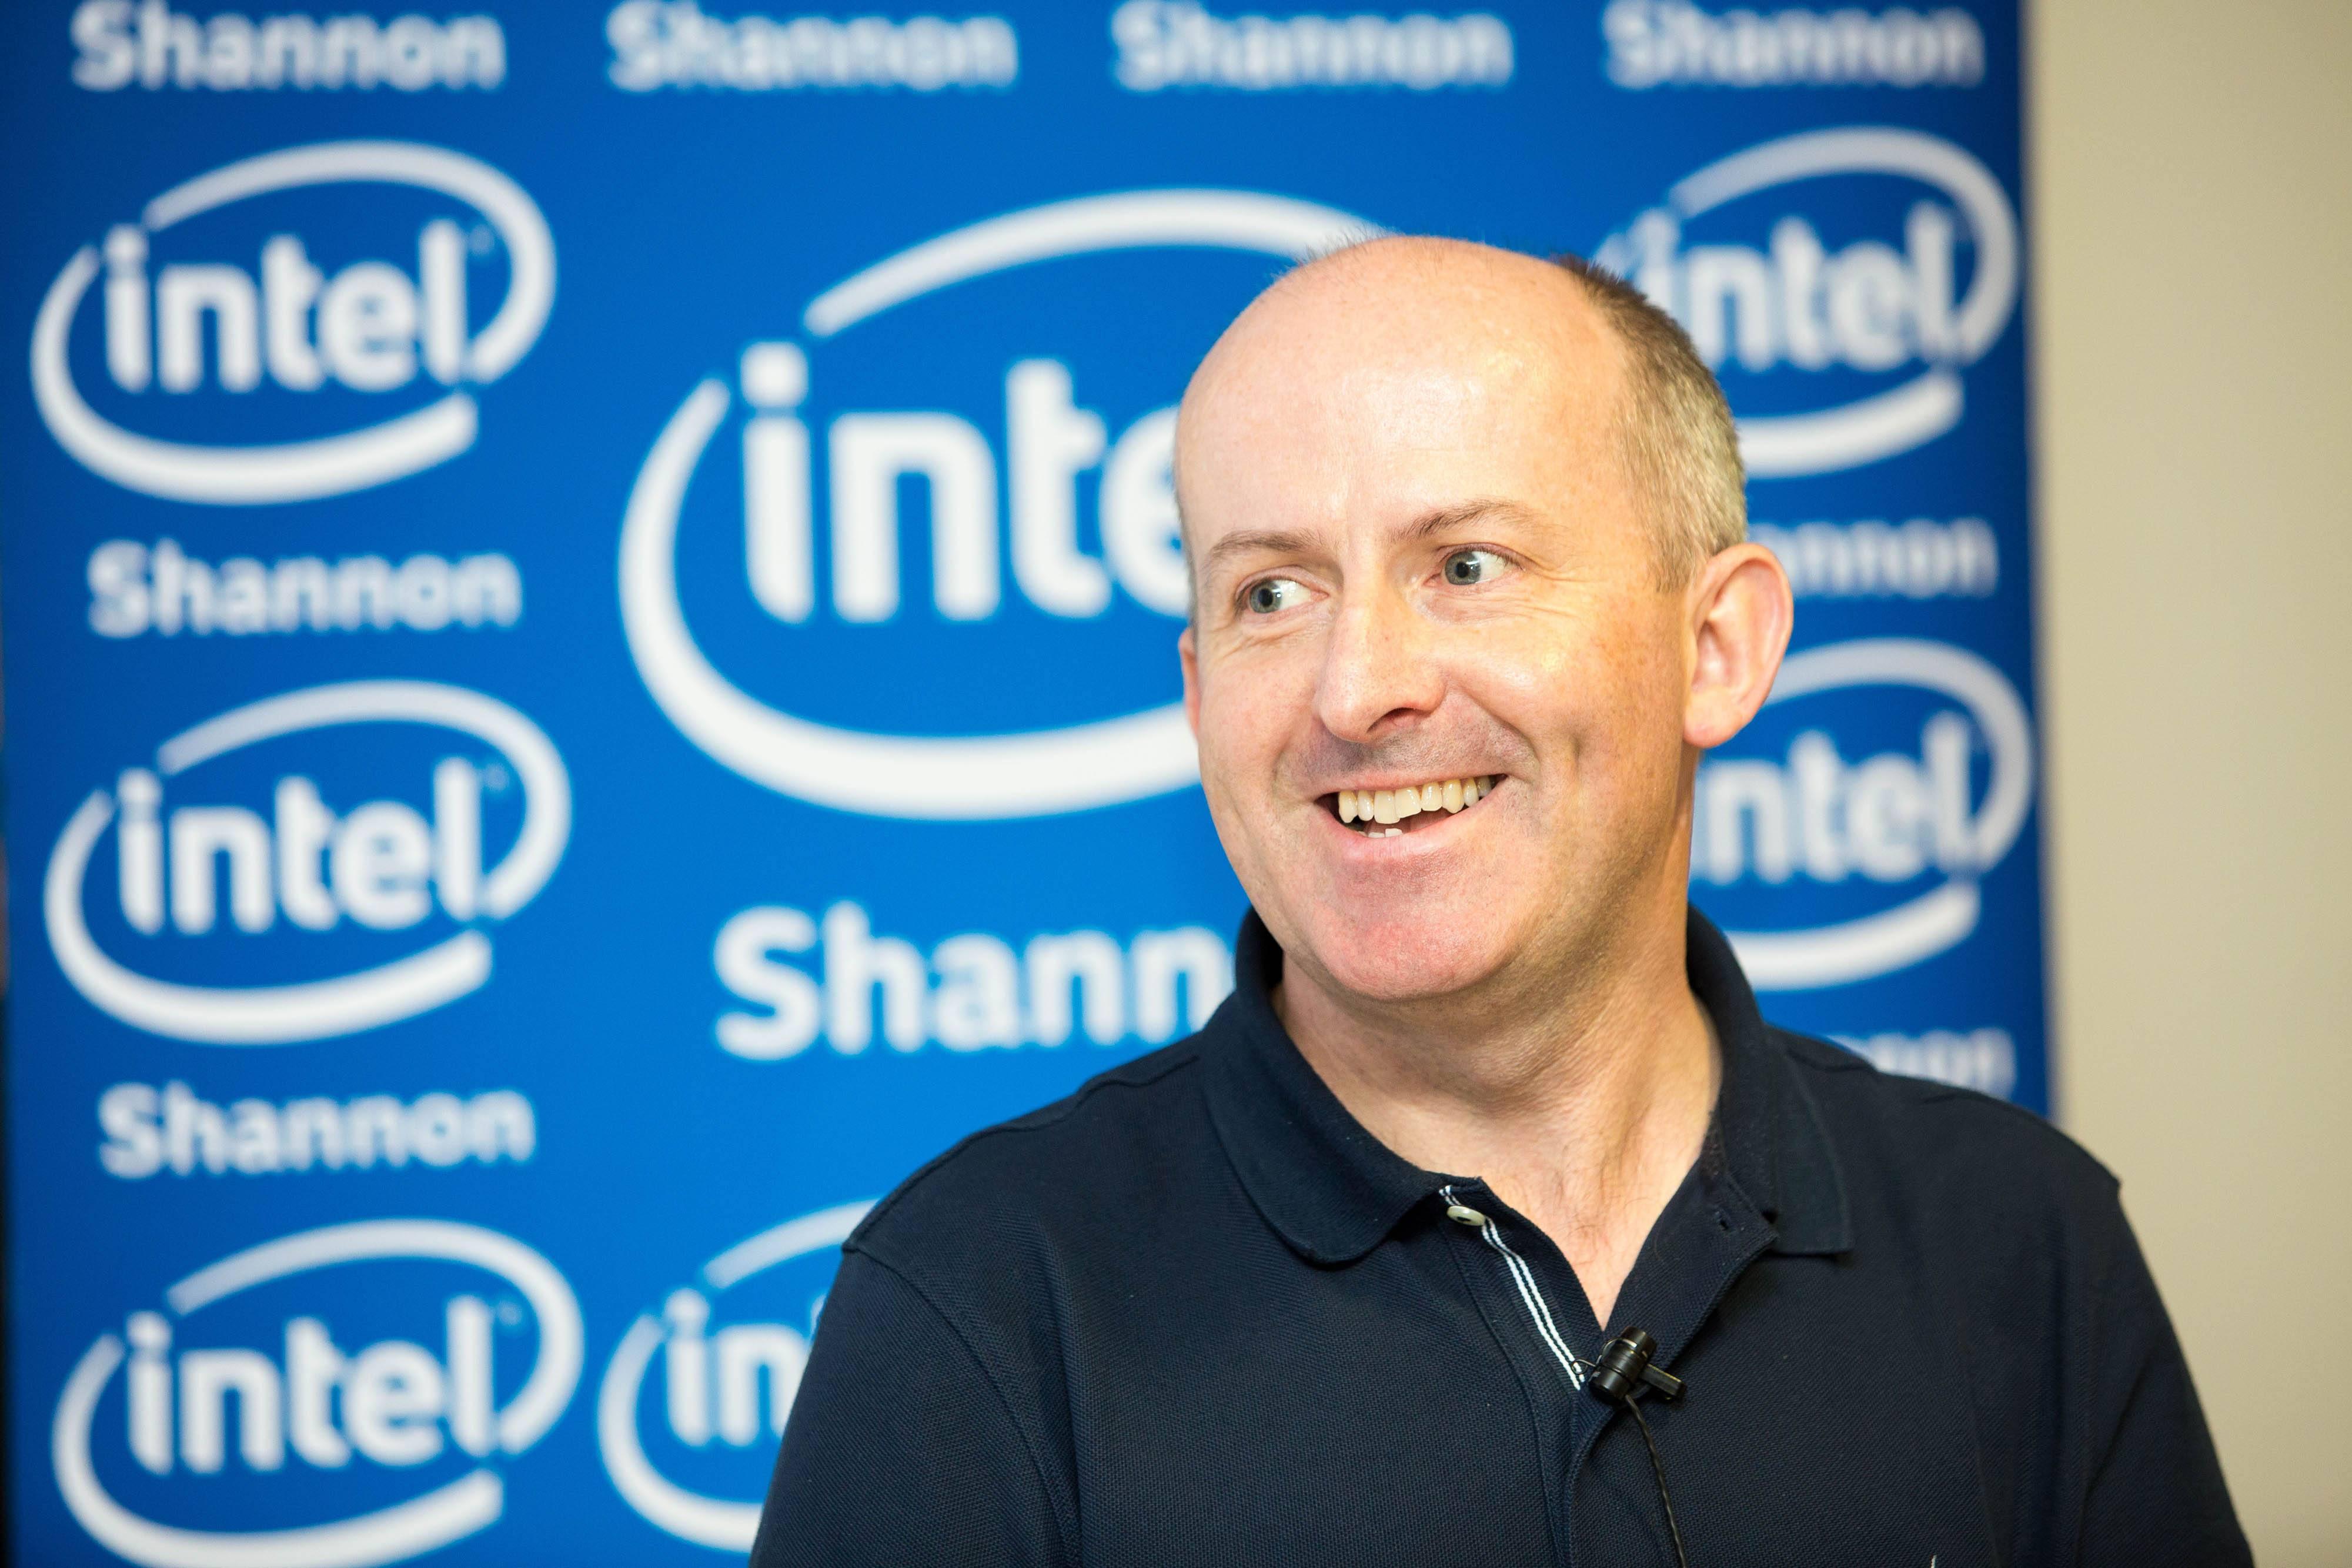 Intel Mini Scientist 0015